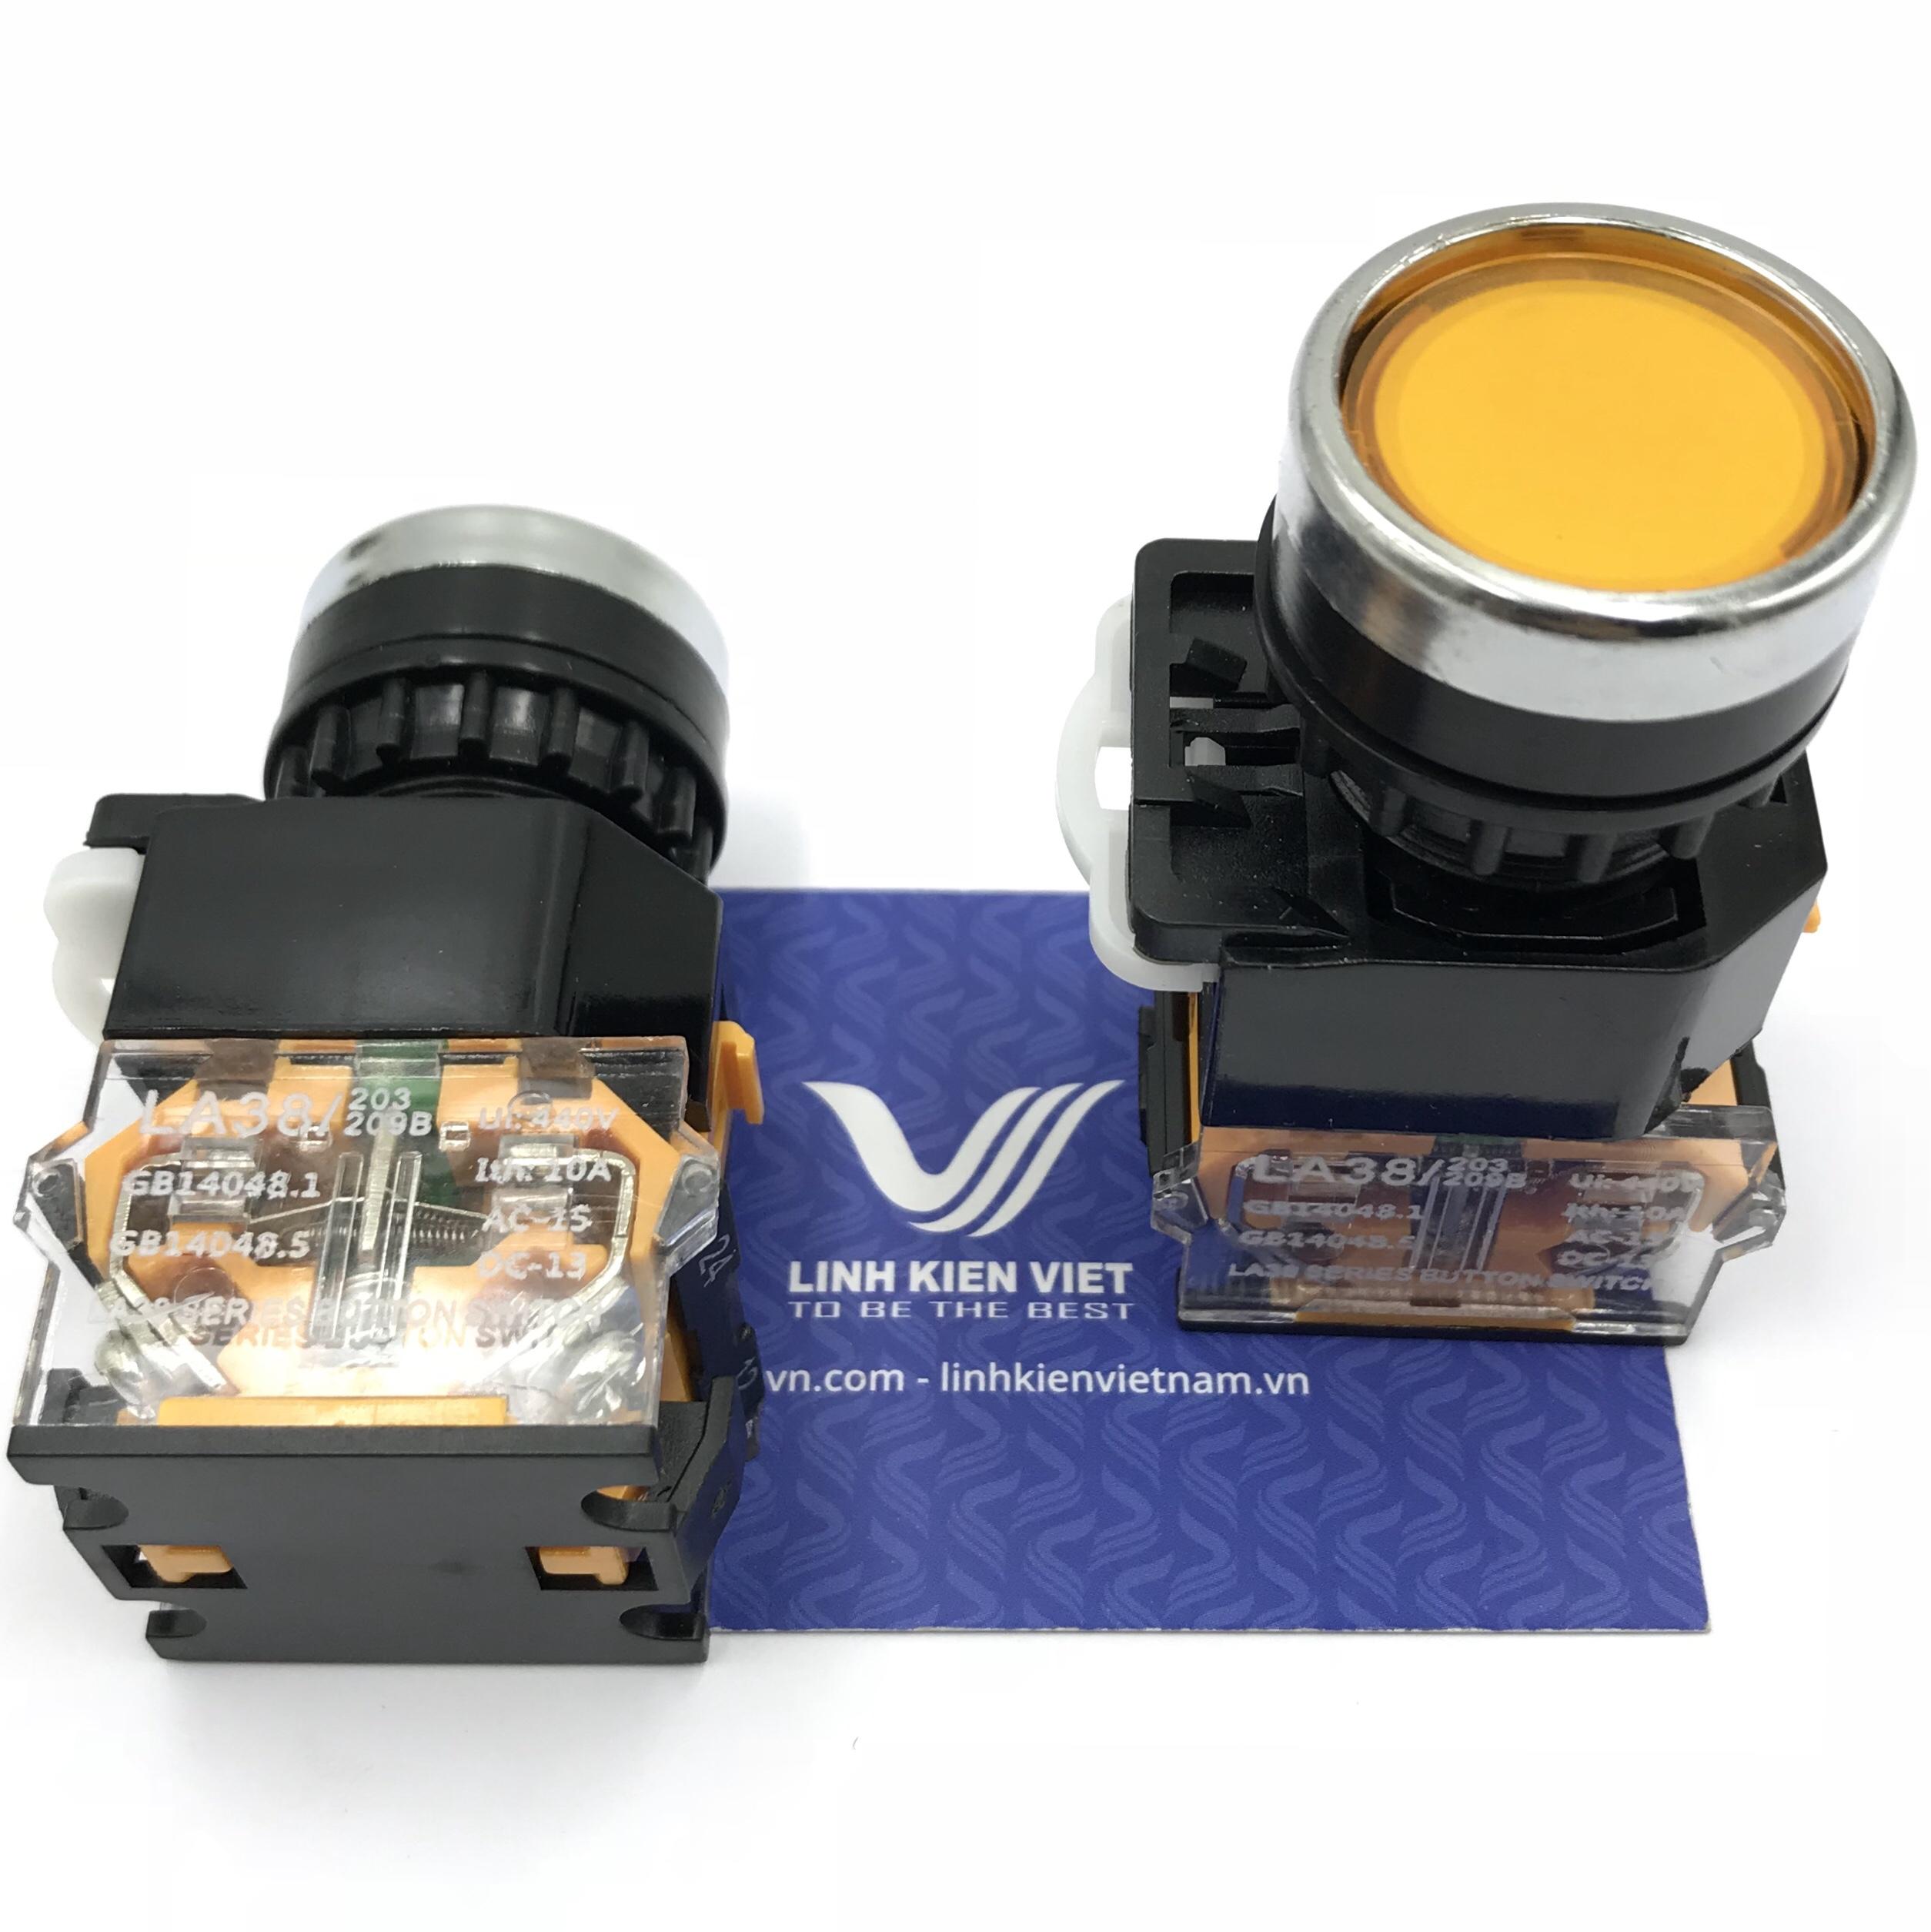 Nút nhấn LA38-11 22mm (Nhấn Giữ) màu vàng - X1H6